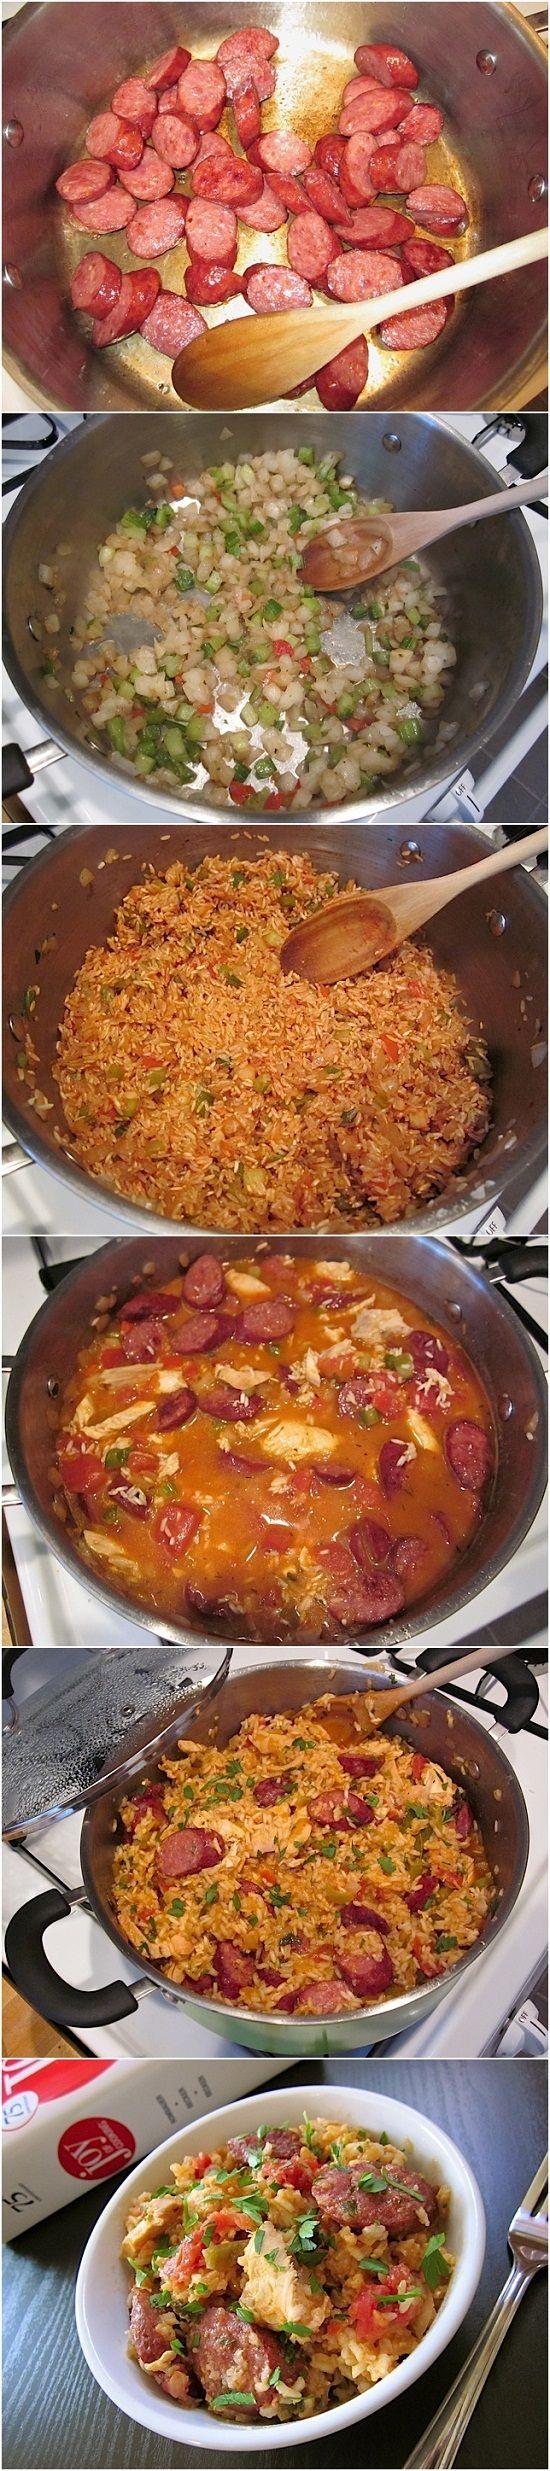 Jambalaya: 1 libra de pollo cocido; 1 libra de salchicha ahumada; 4 dientes ajo; 12 oz. mezcla de condimentos (cebolla, pimiento, apio); 2 tazas de arroz de grano largo ½ a 1 cucharadita de pimienta de cayena; Pasta de tomate 2 cucharadas; 3,5 tazas de agua; 1 lata (15 oz) de tomates cortados en cubitos; 2 hojas enteras de laurel; 1/2 cucharadita de tomillo seco; Perejil media montón; sal y pimienta al gusto.